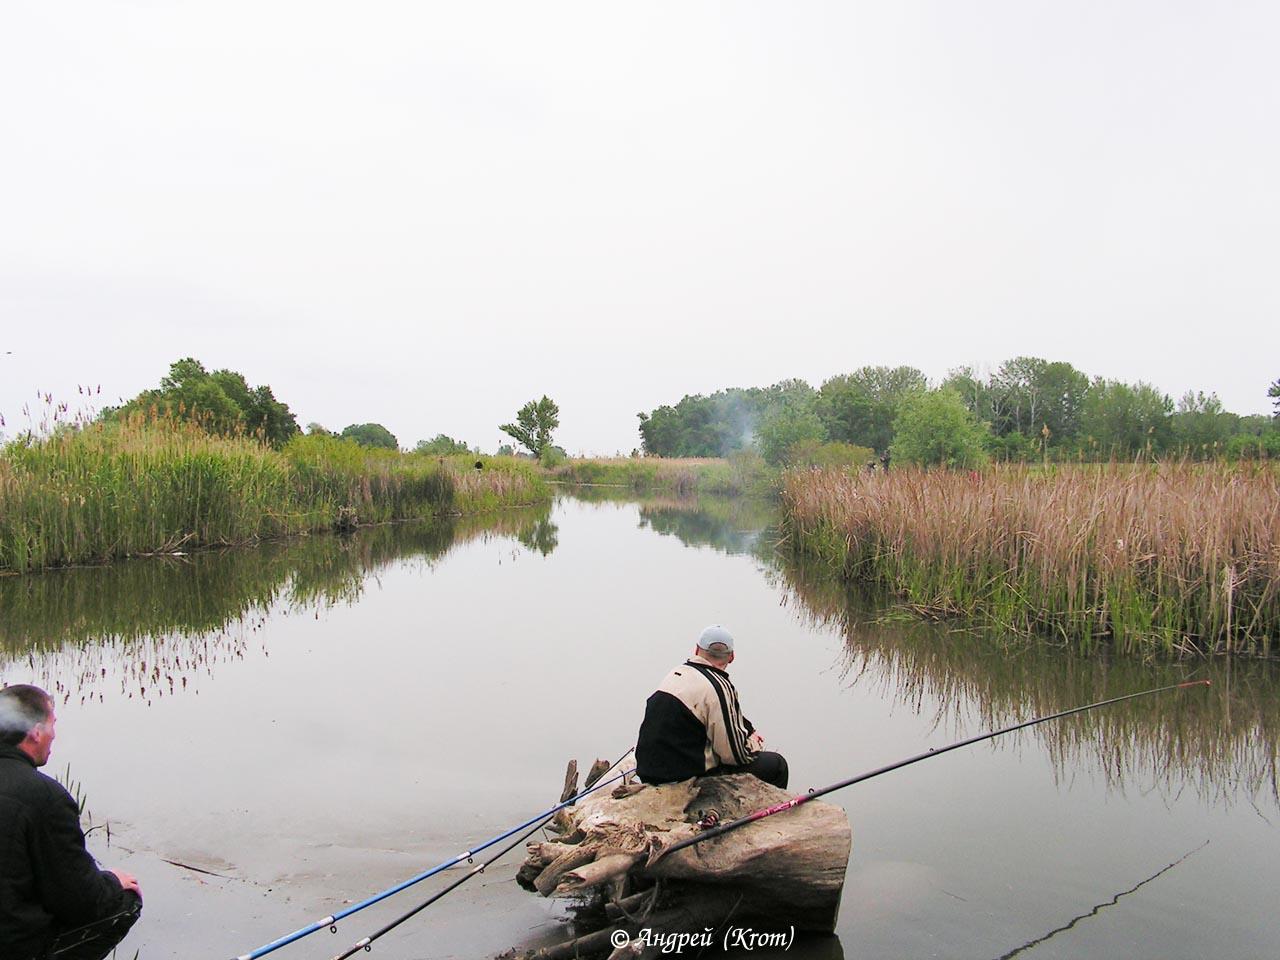 золотой газоход старочеркасск рыбная ловля  наравне  проехать